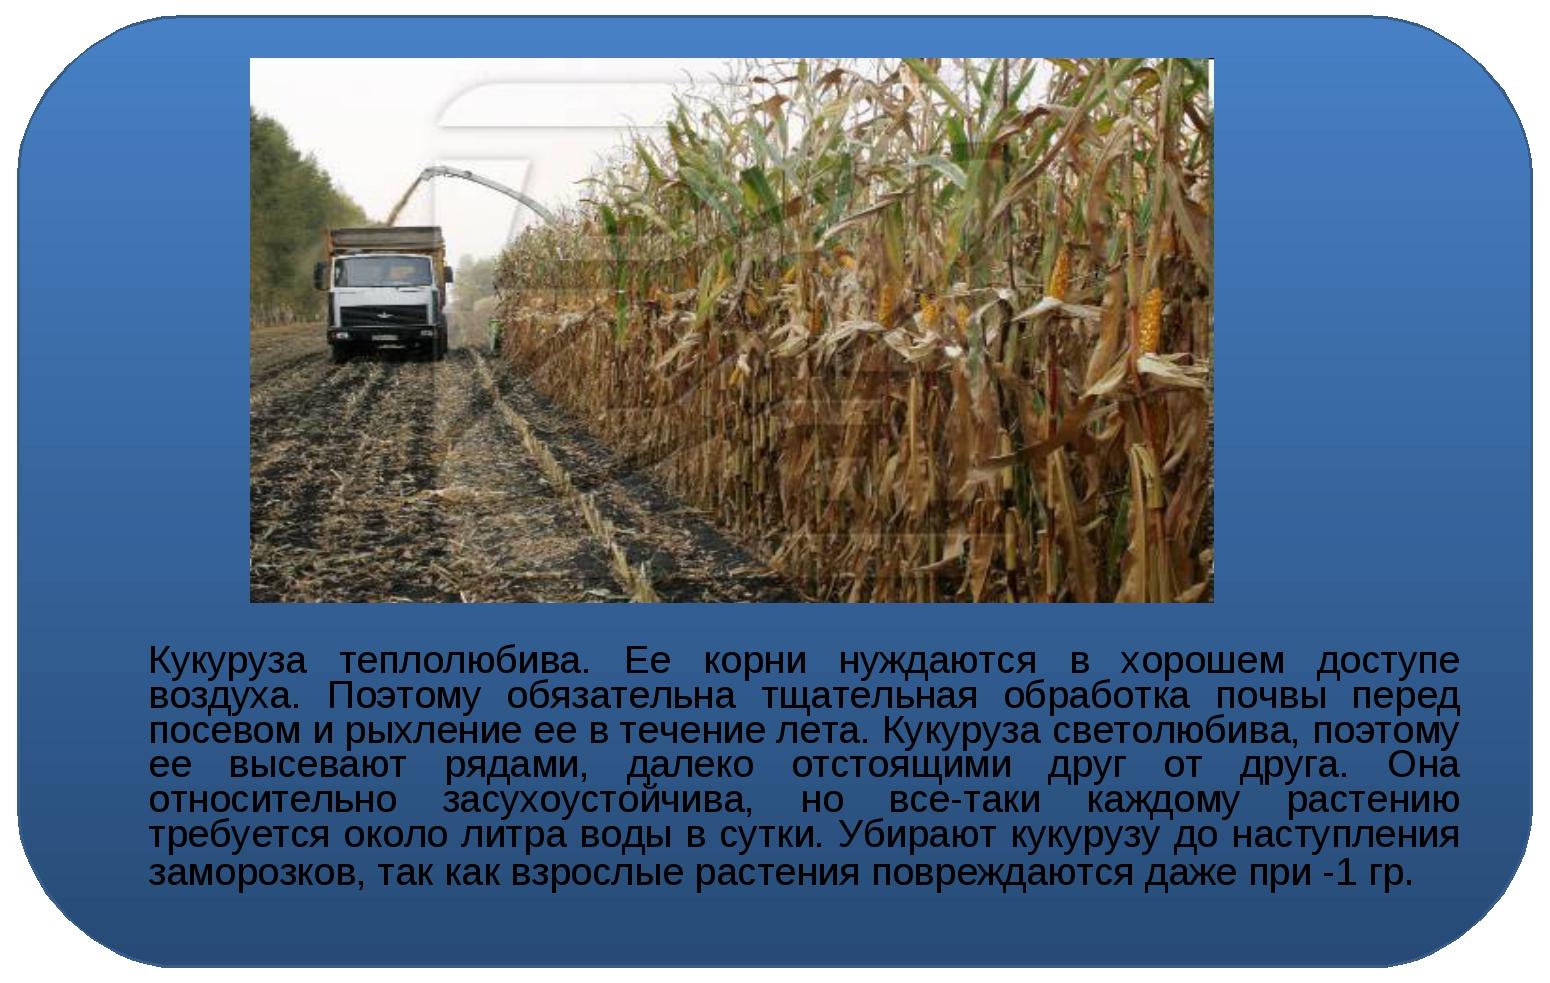 Кукуруза теплолюбива. Ее корни нуждаются в хорошем доступе воздуха. Поэтому...